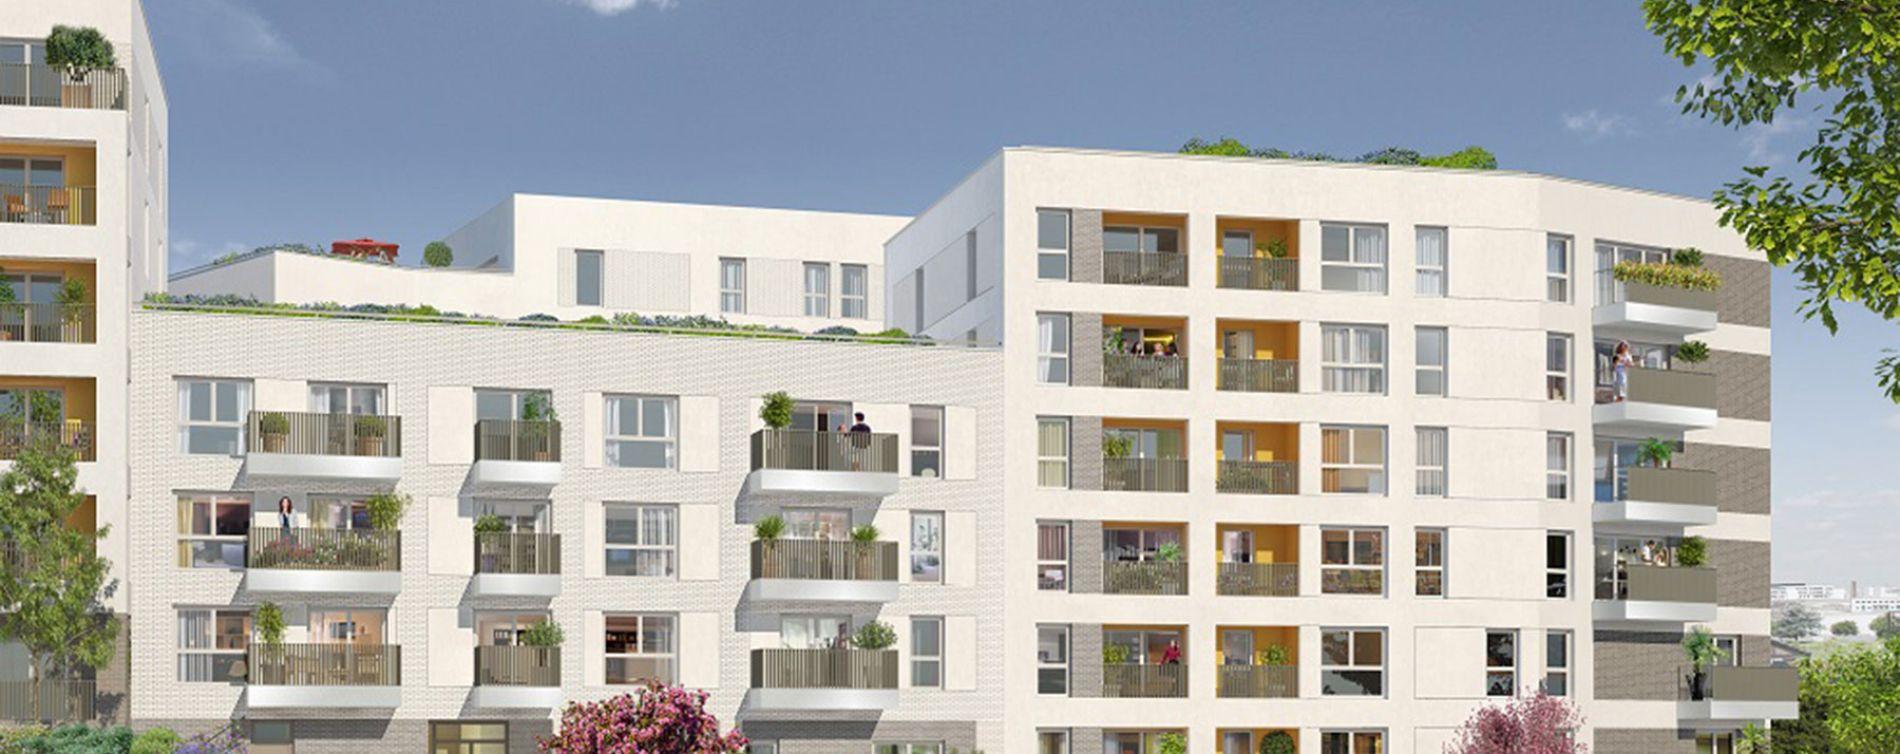 Vitry-sur-Seine : programme immobilier neuve « Carré Watteau »